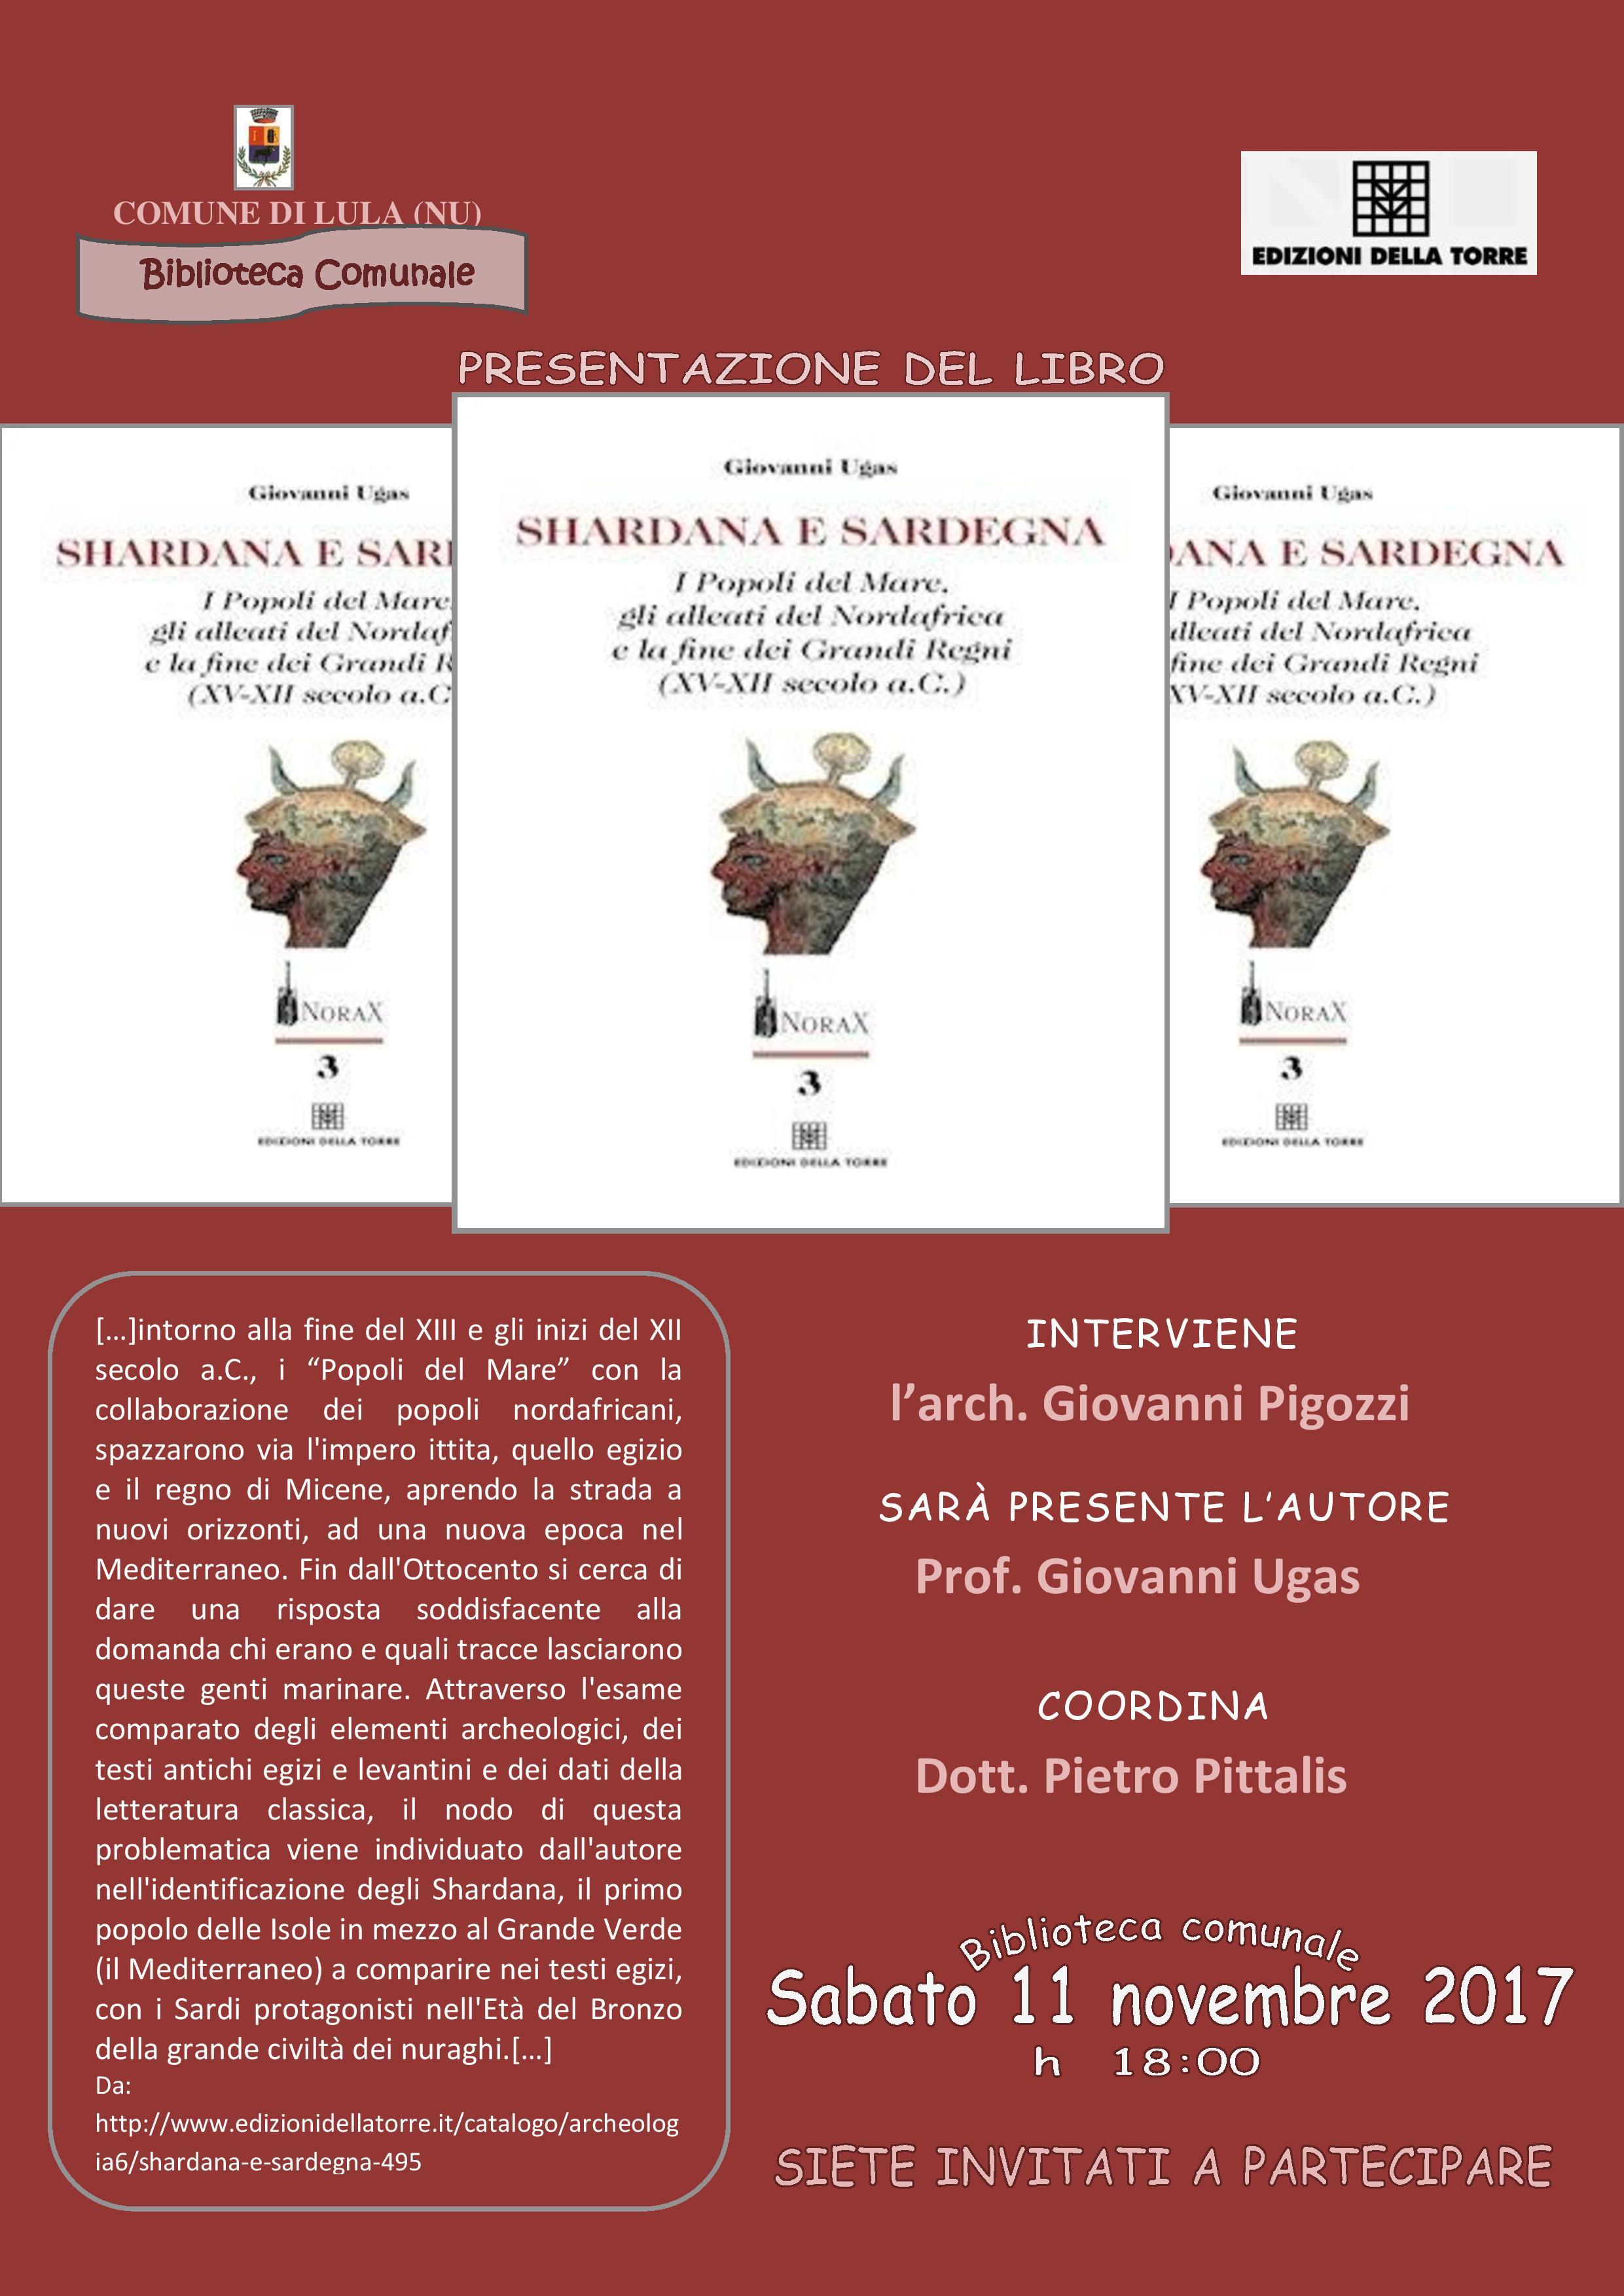 Presentazione del libro 'Shardana e Sardegna' di Giovanni Ugas